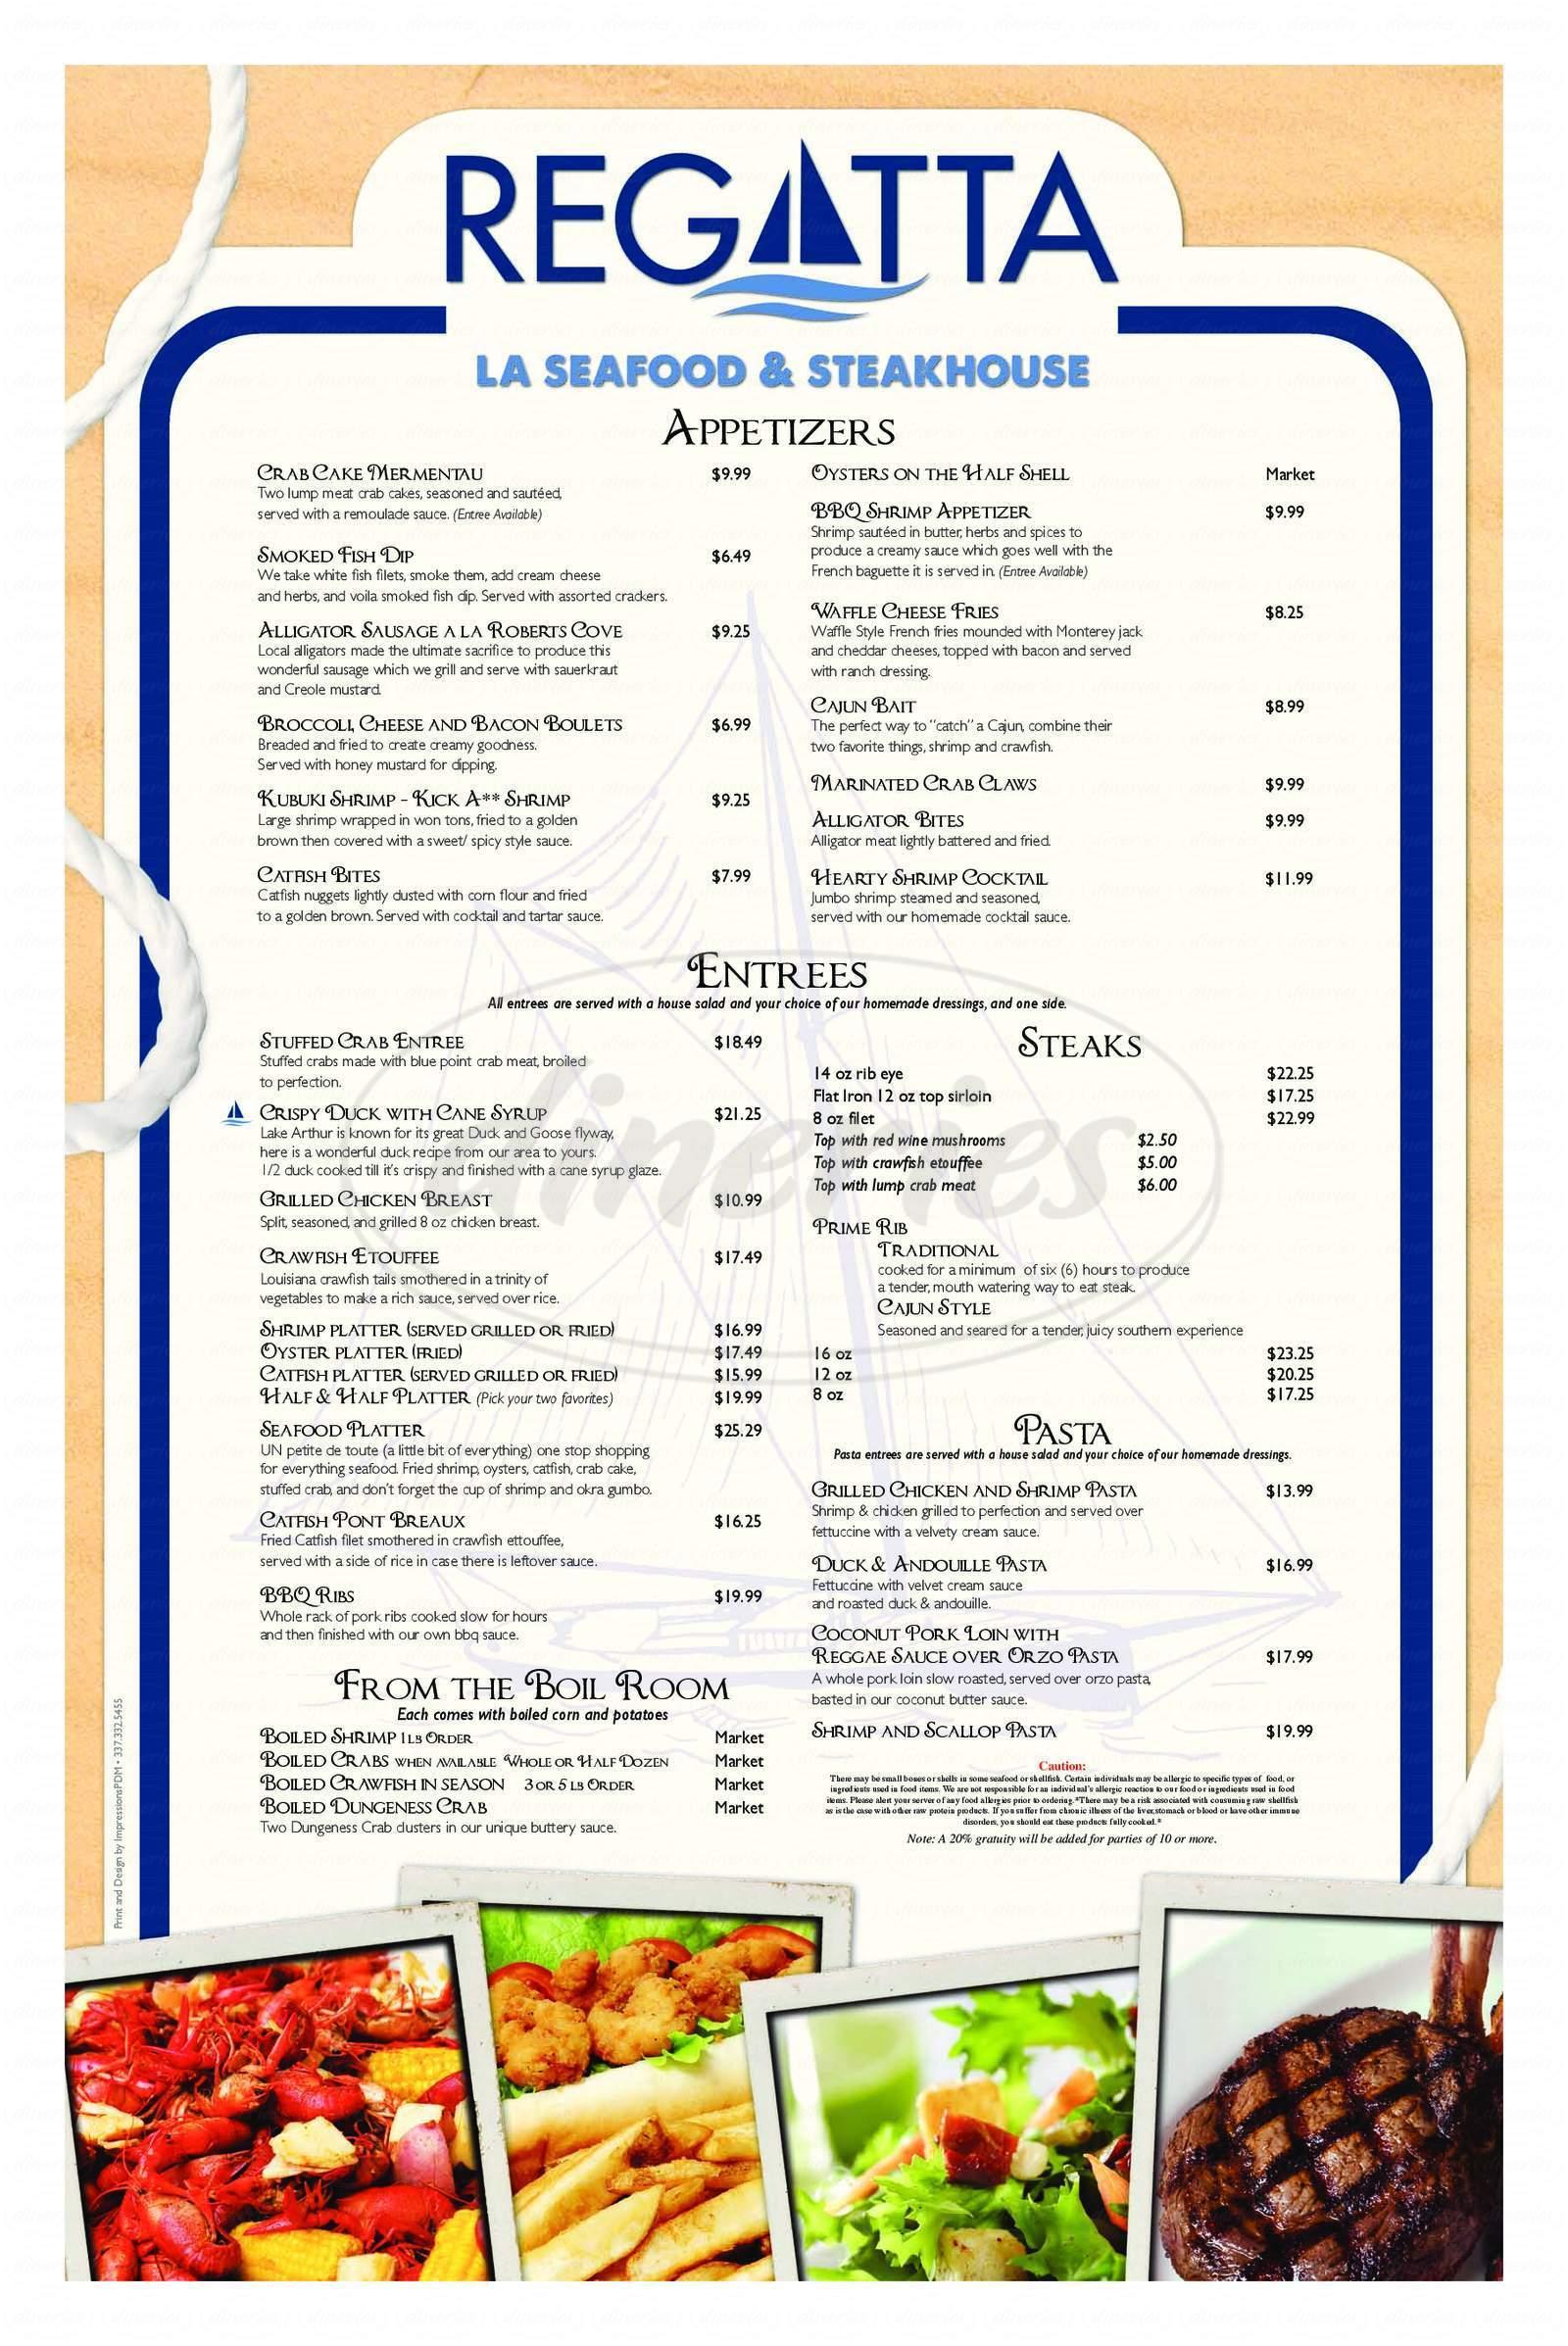 menu for Regatta Seafood & Steak House